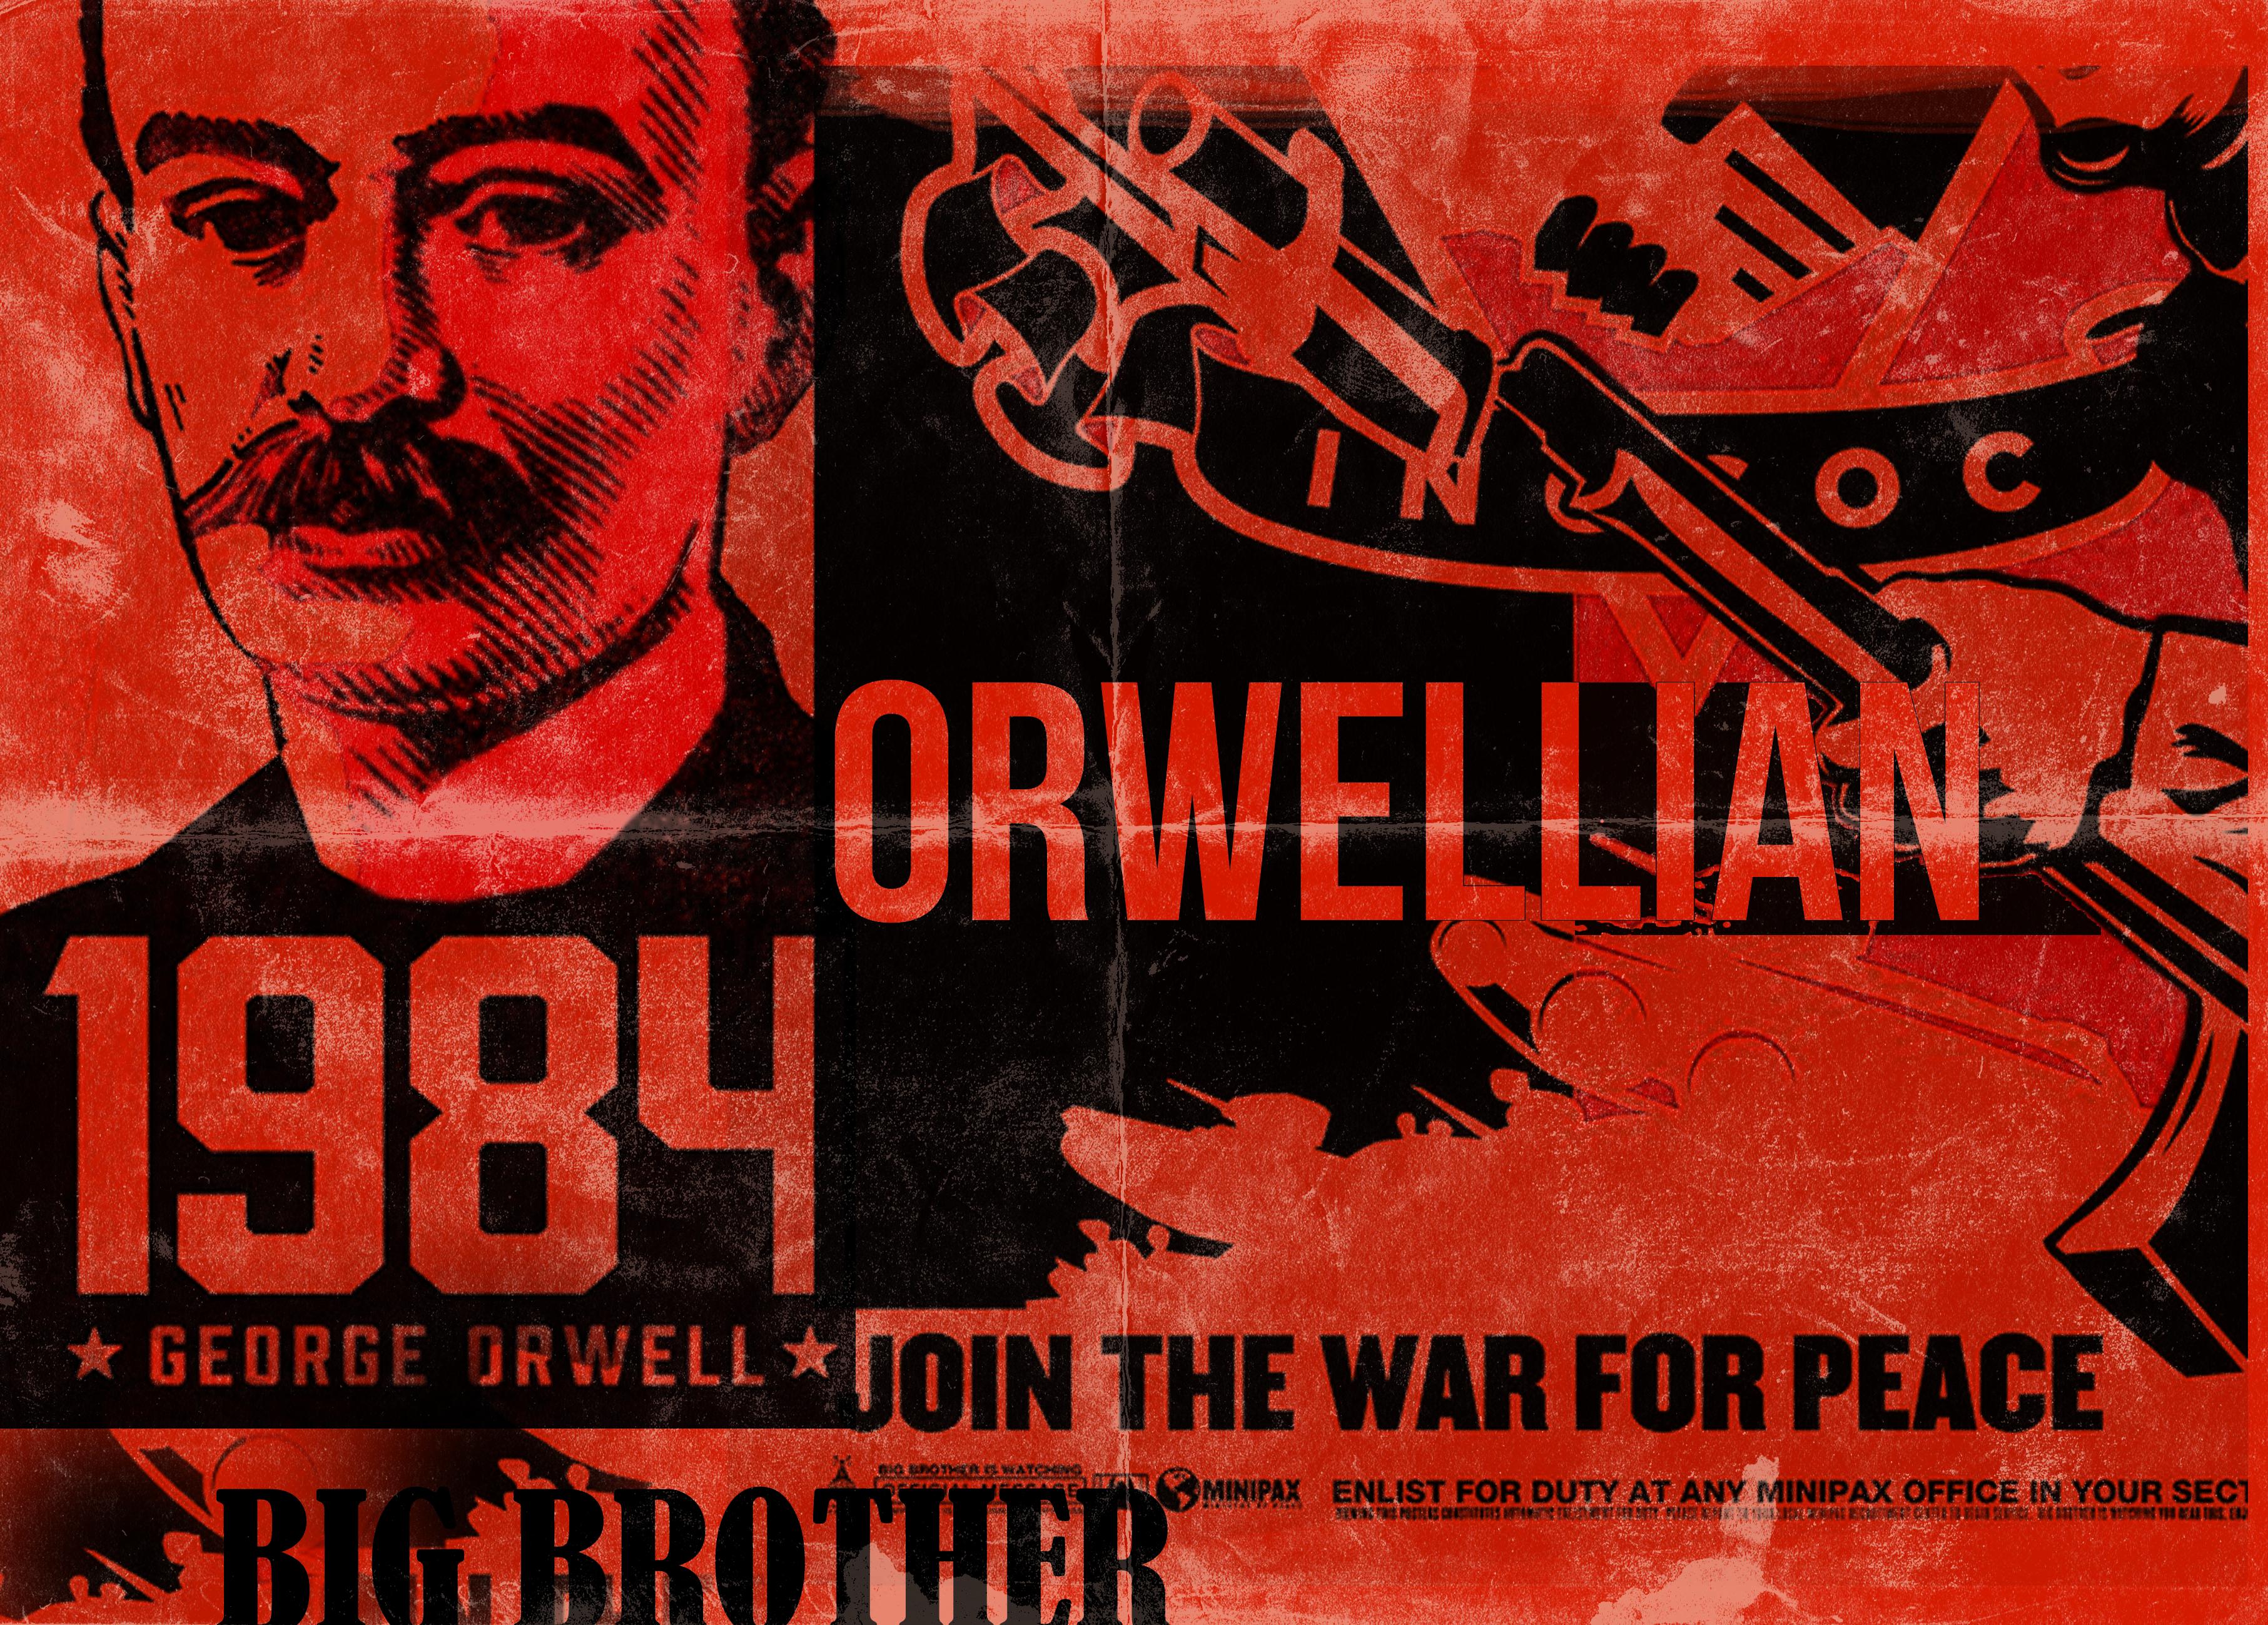 Persecution in an Orwellian dystopian world - John15.Rocks